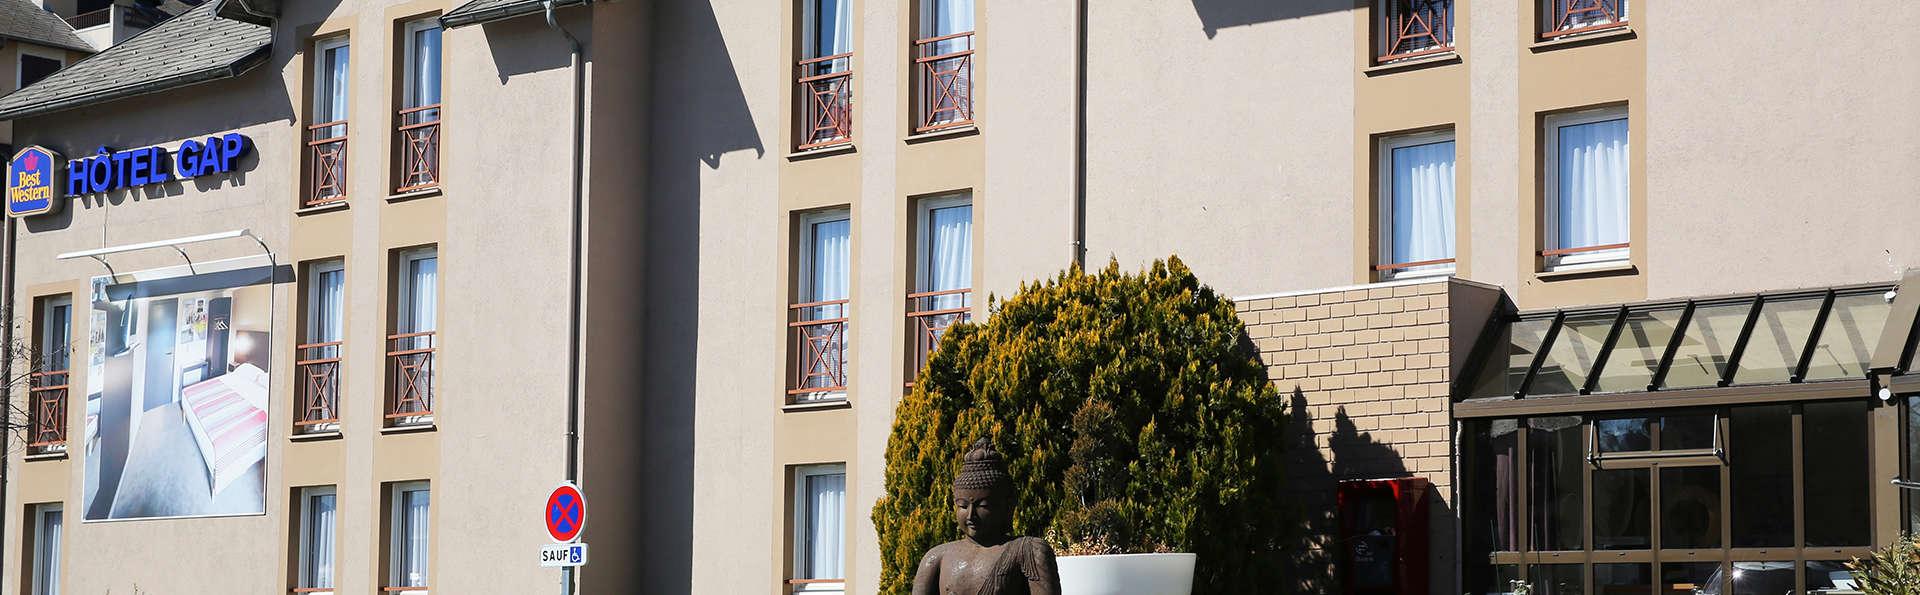 BEST WESTERN Hôtel Gap - edit_front2.jpg